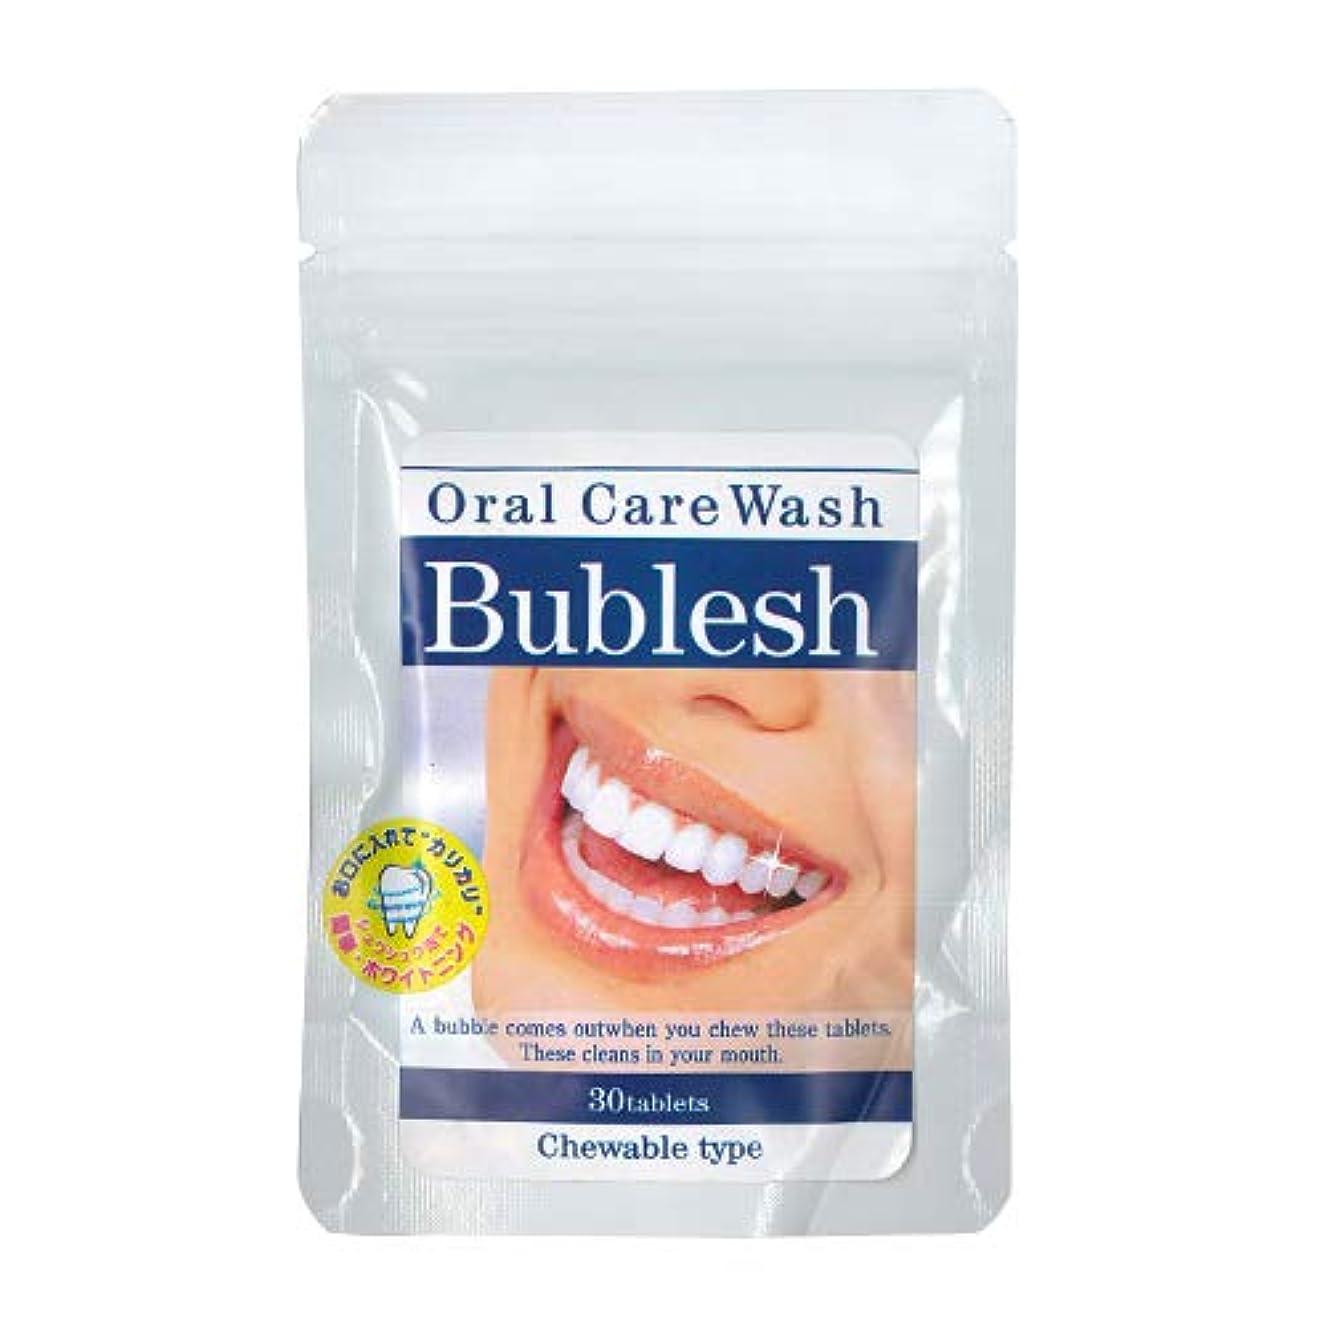 ライムパーチナシティテロリストオーラルケアウォッシュ バブレッシュ (Oral Care Wash Bublesh) 30粒